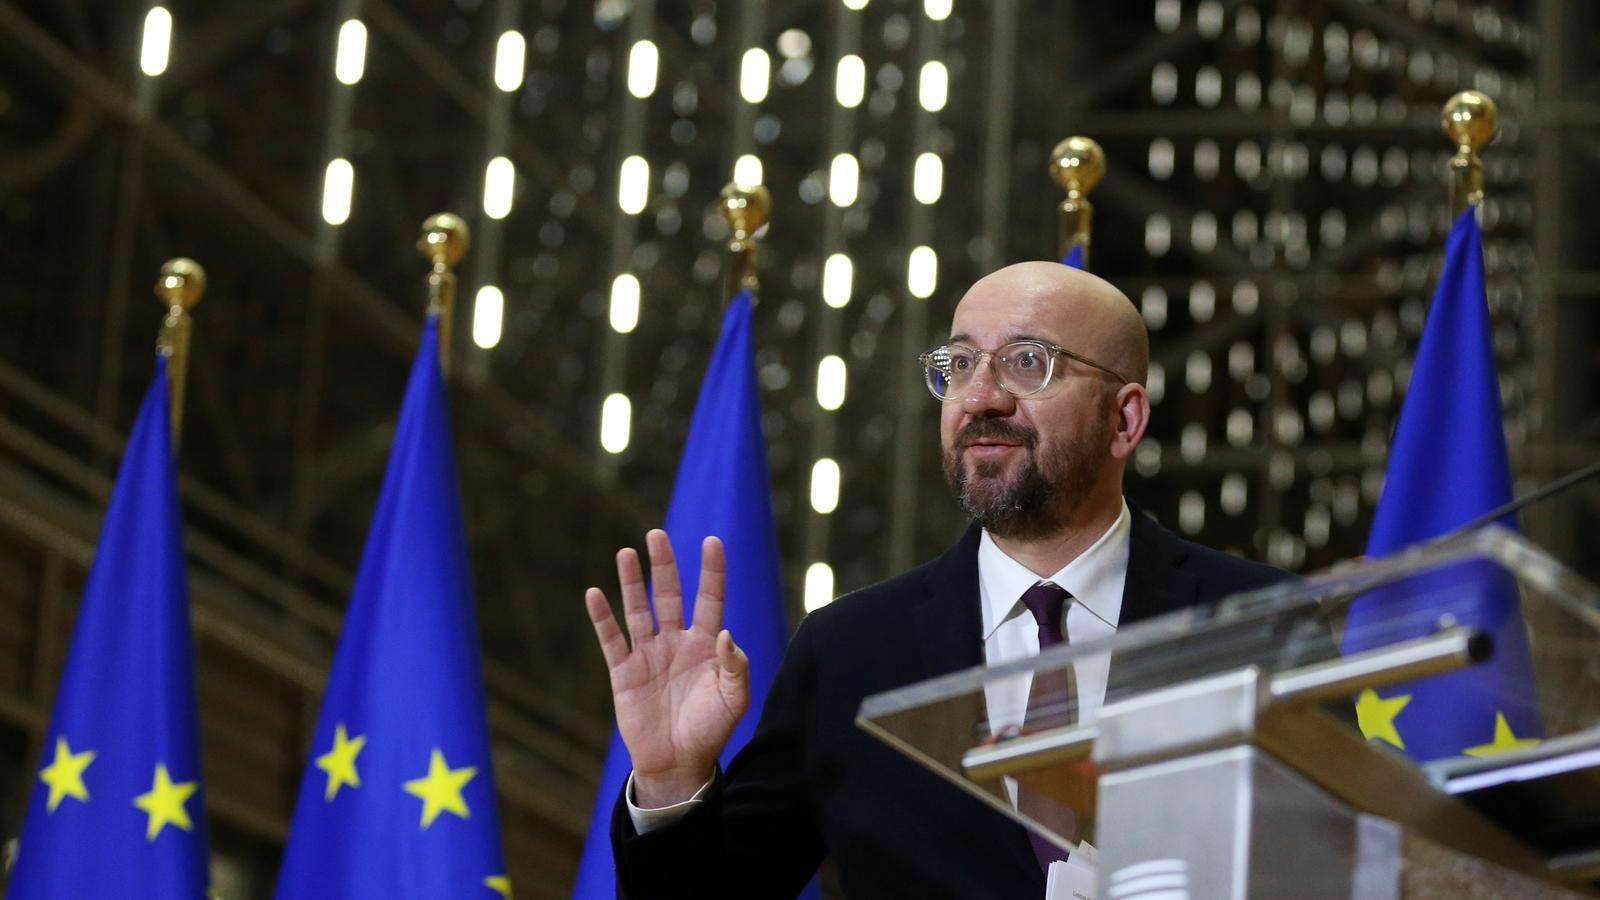 El president del Consell Europeu, Charles Michel, durant la roda de premsa dijous després de la reunió dels líders europeus.